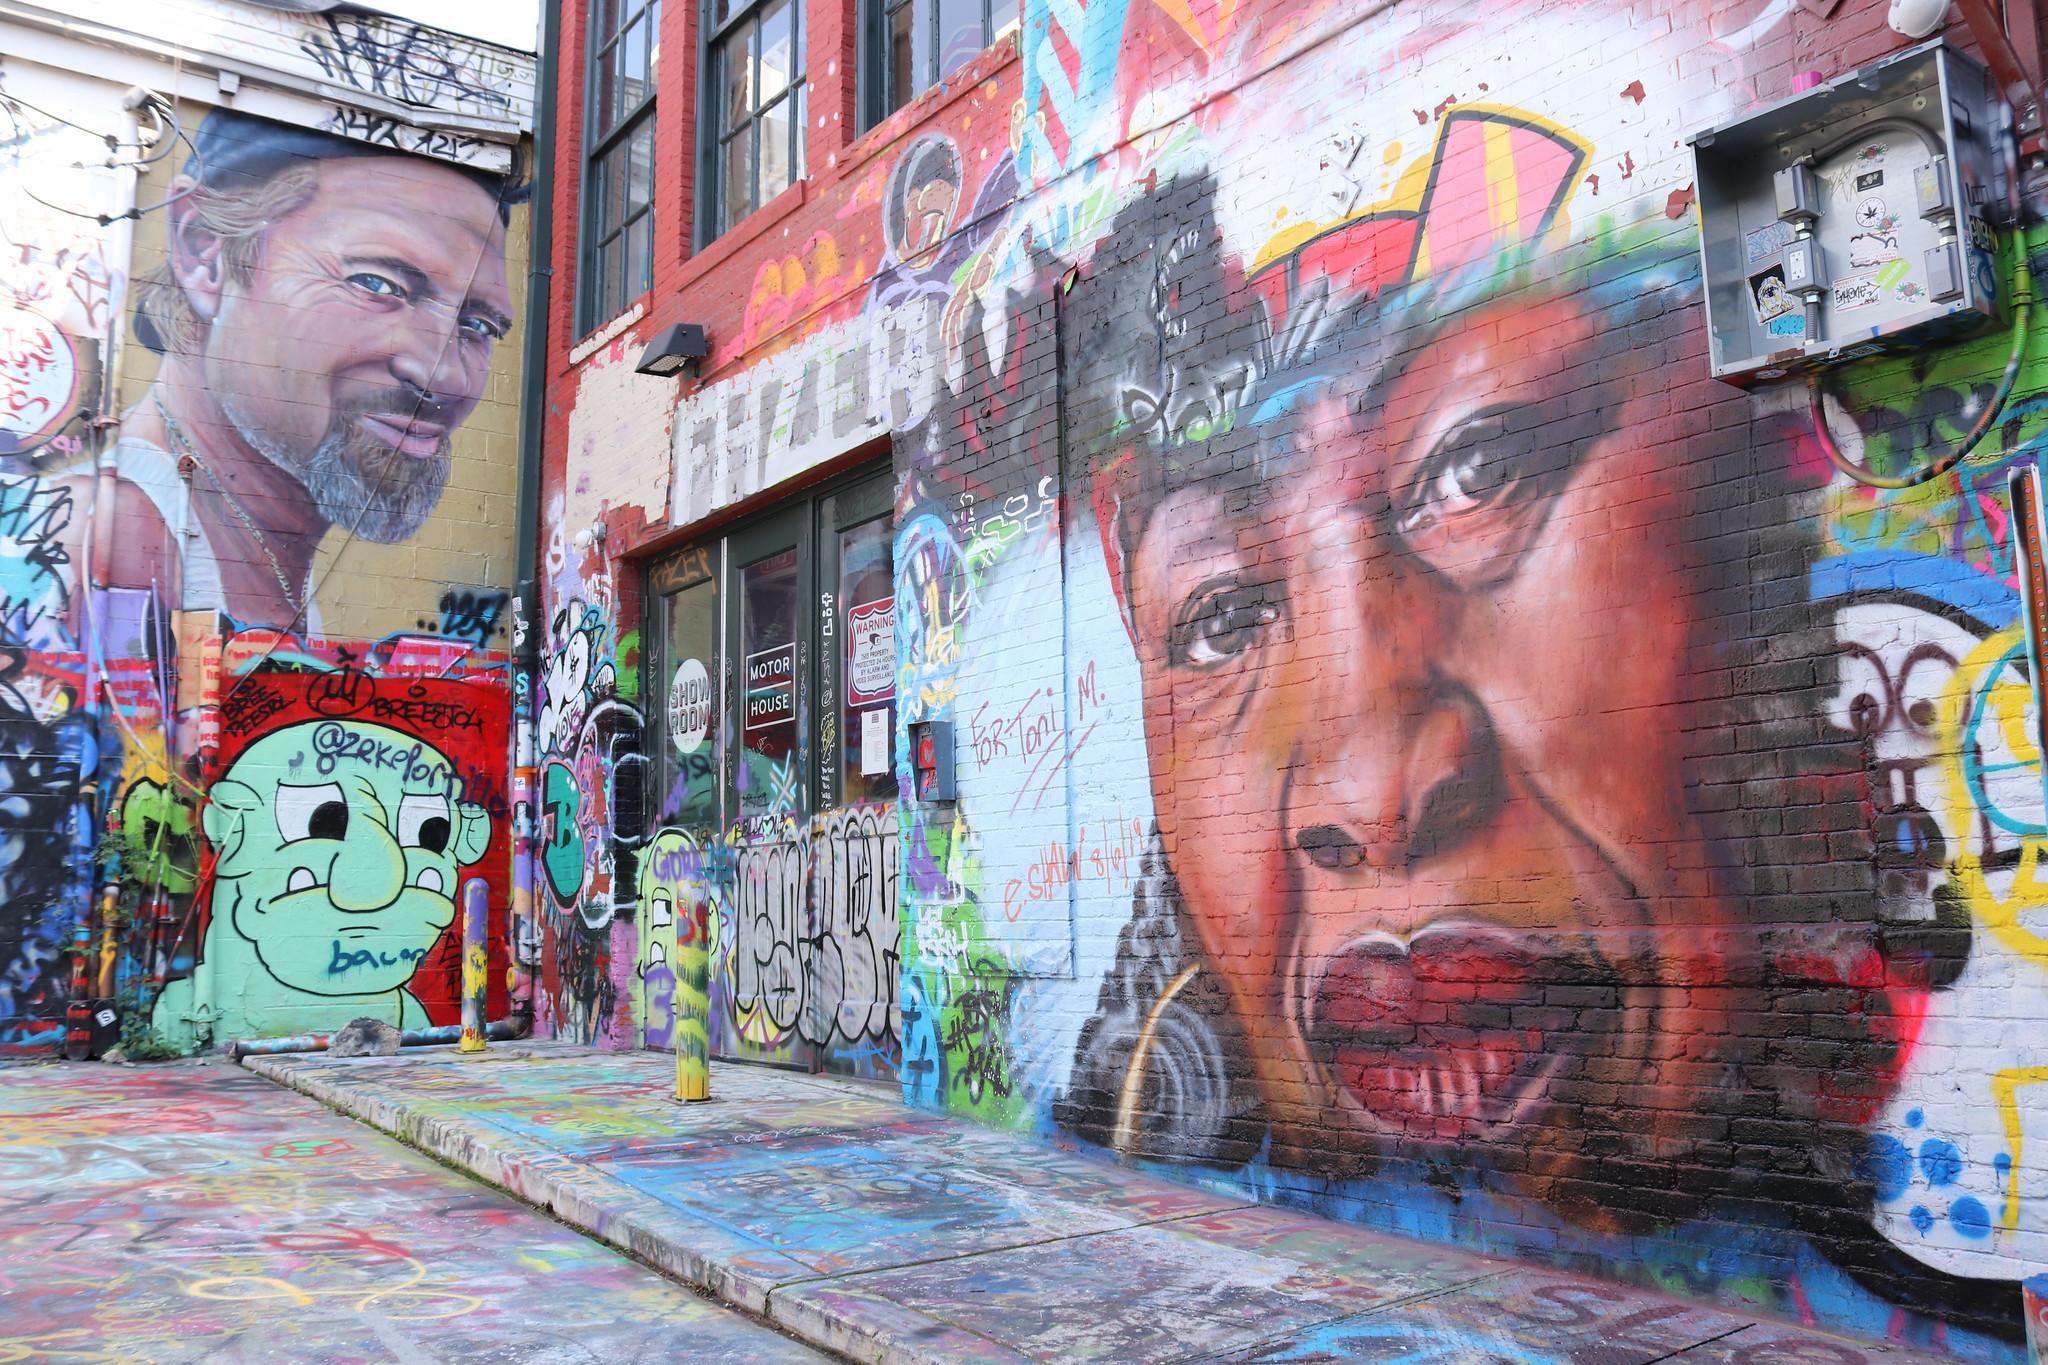 20.GraffitiAlley.BaltimoreMD.8August2019